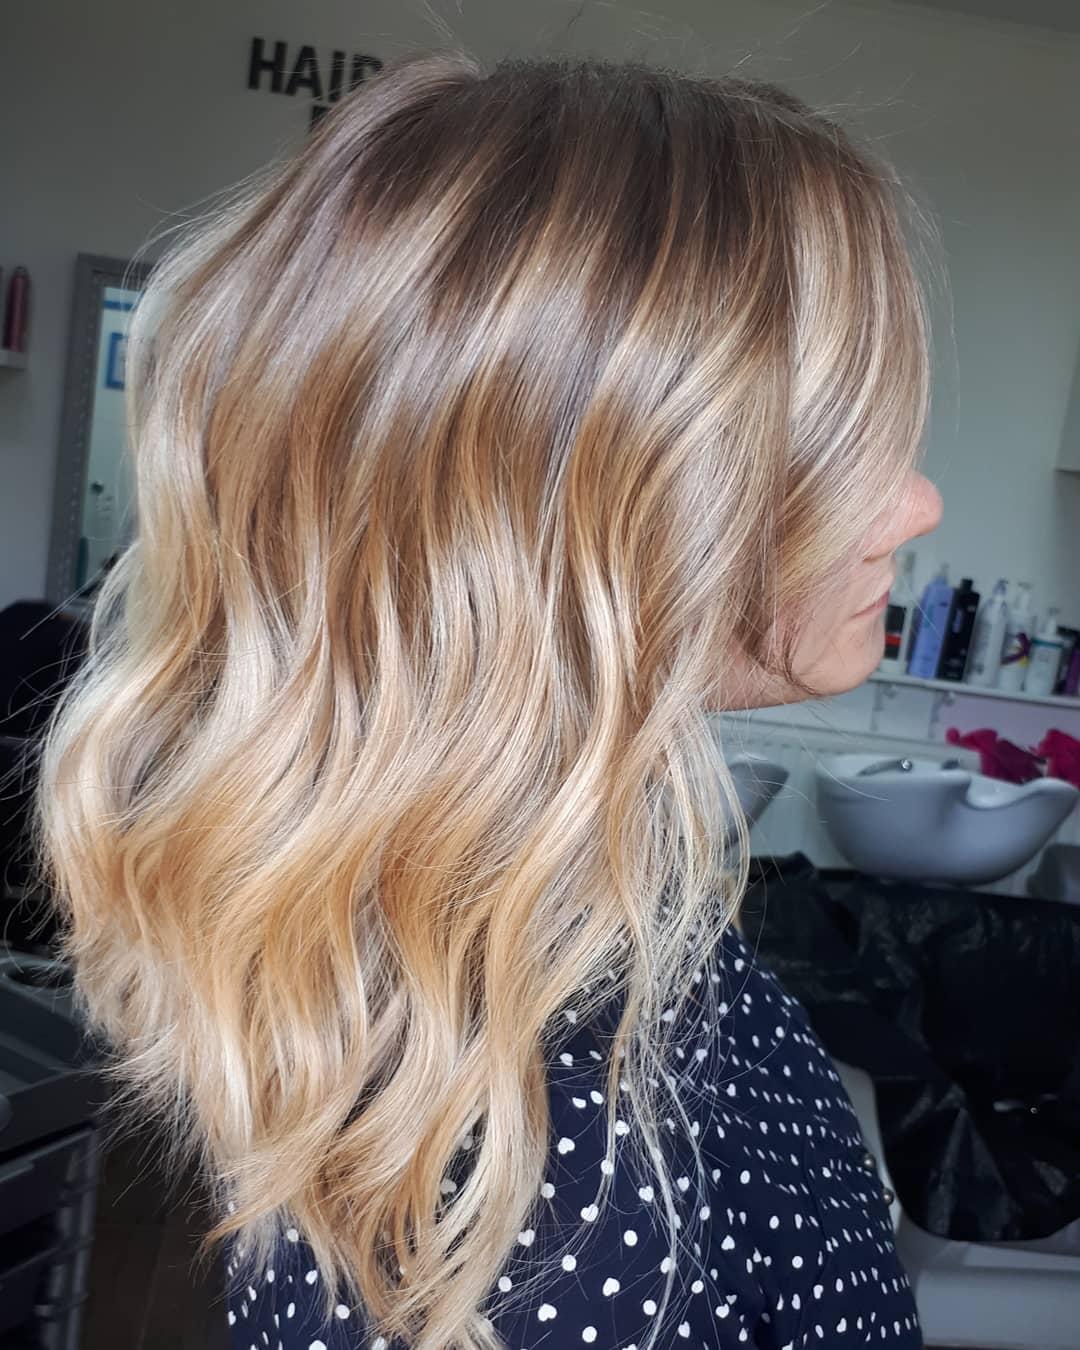 Femme avec des cheveux mi-longs ondulés de couleur beige miel.